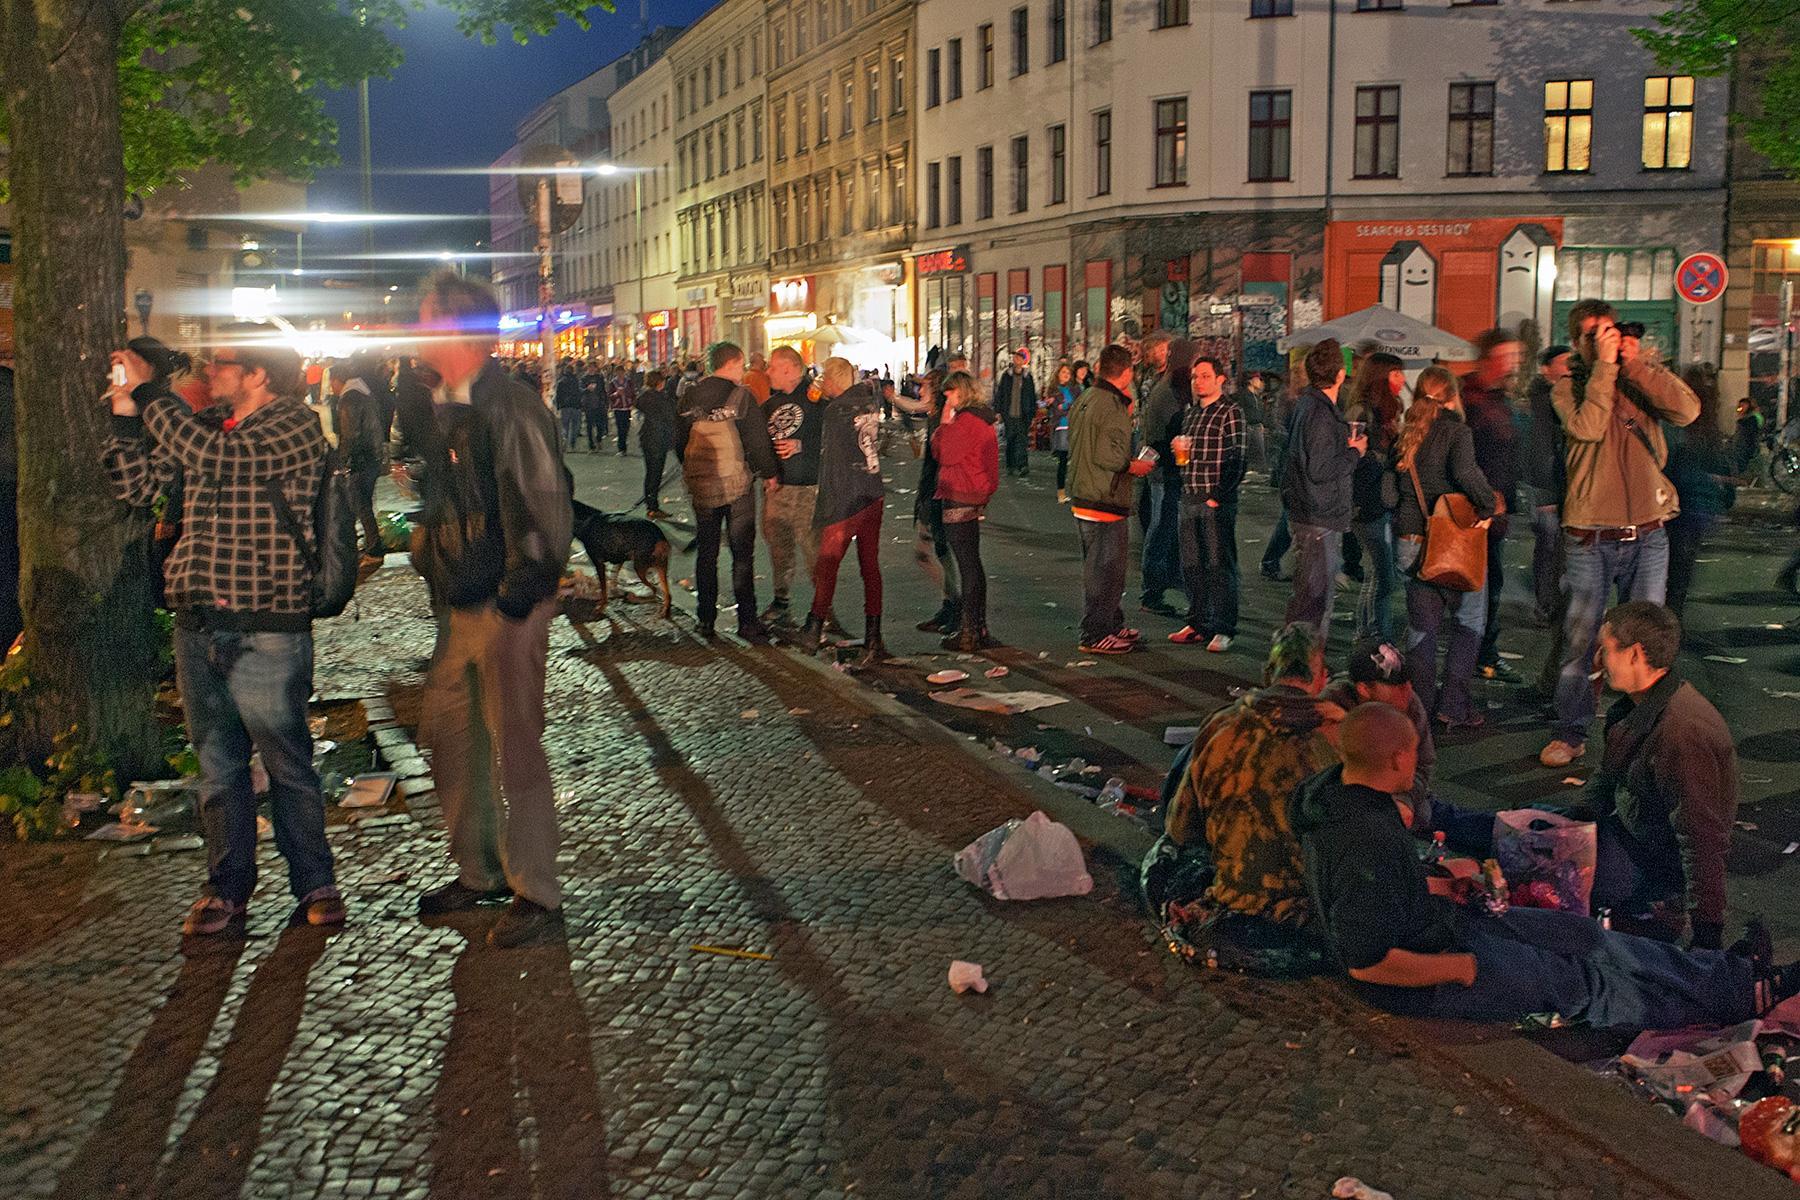 Leute am Abend auf der Straße im Beitrag Berlin, 1. Mai